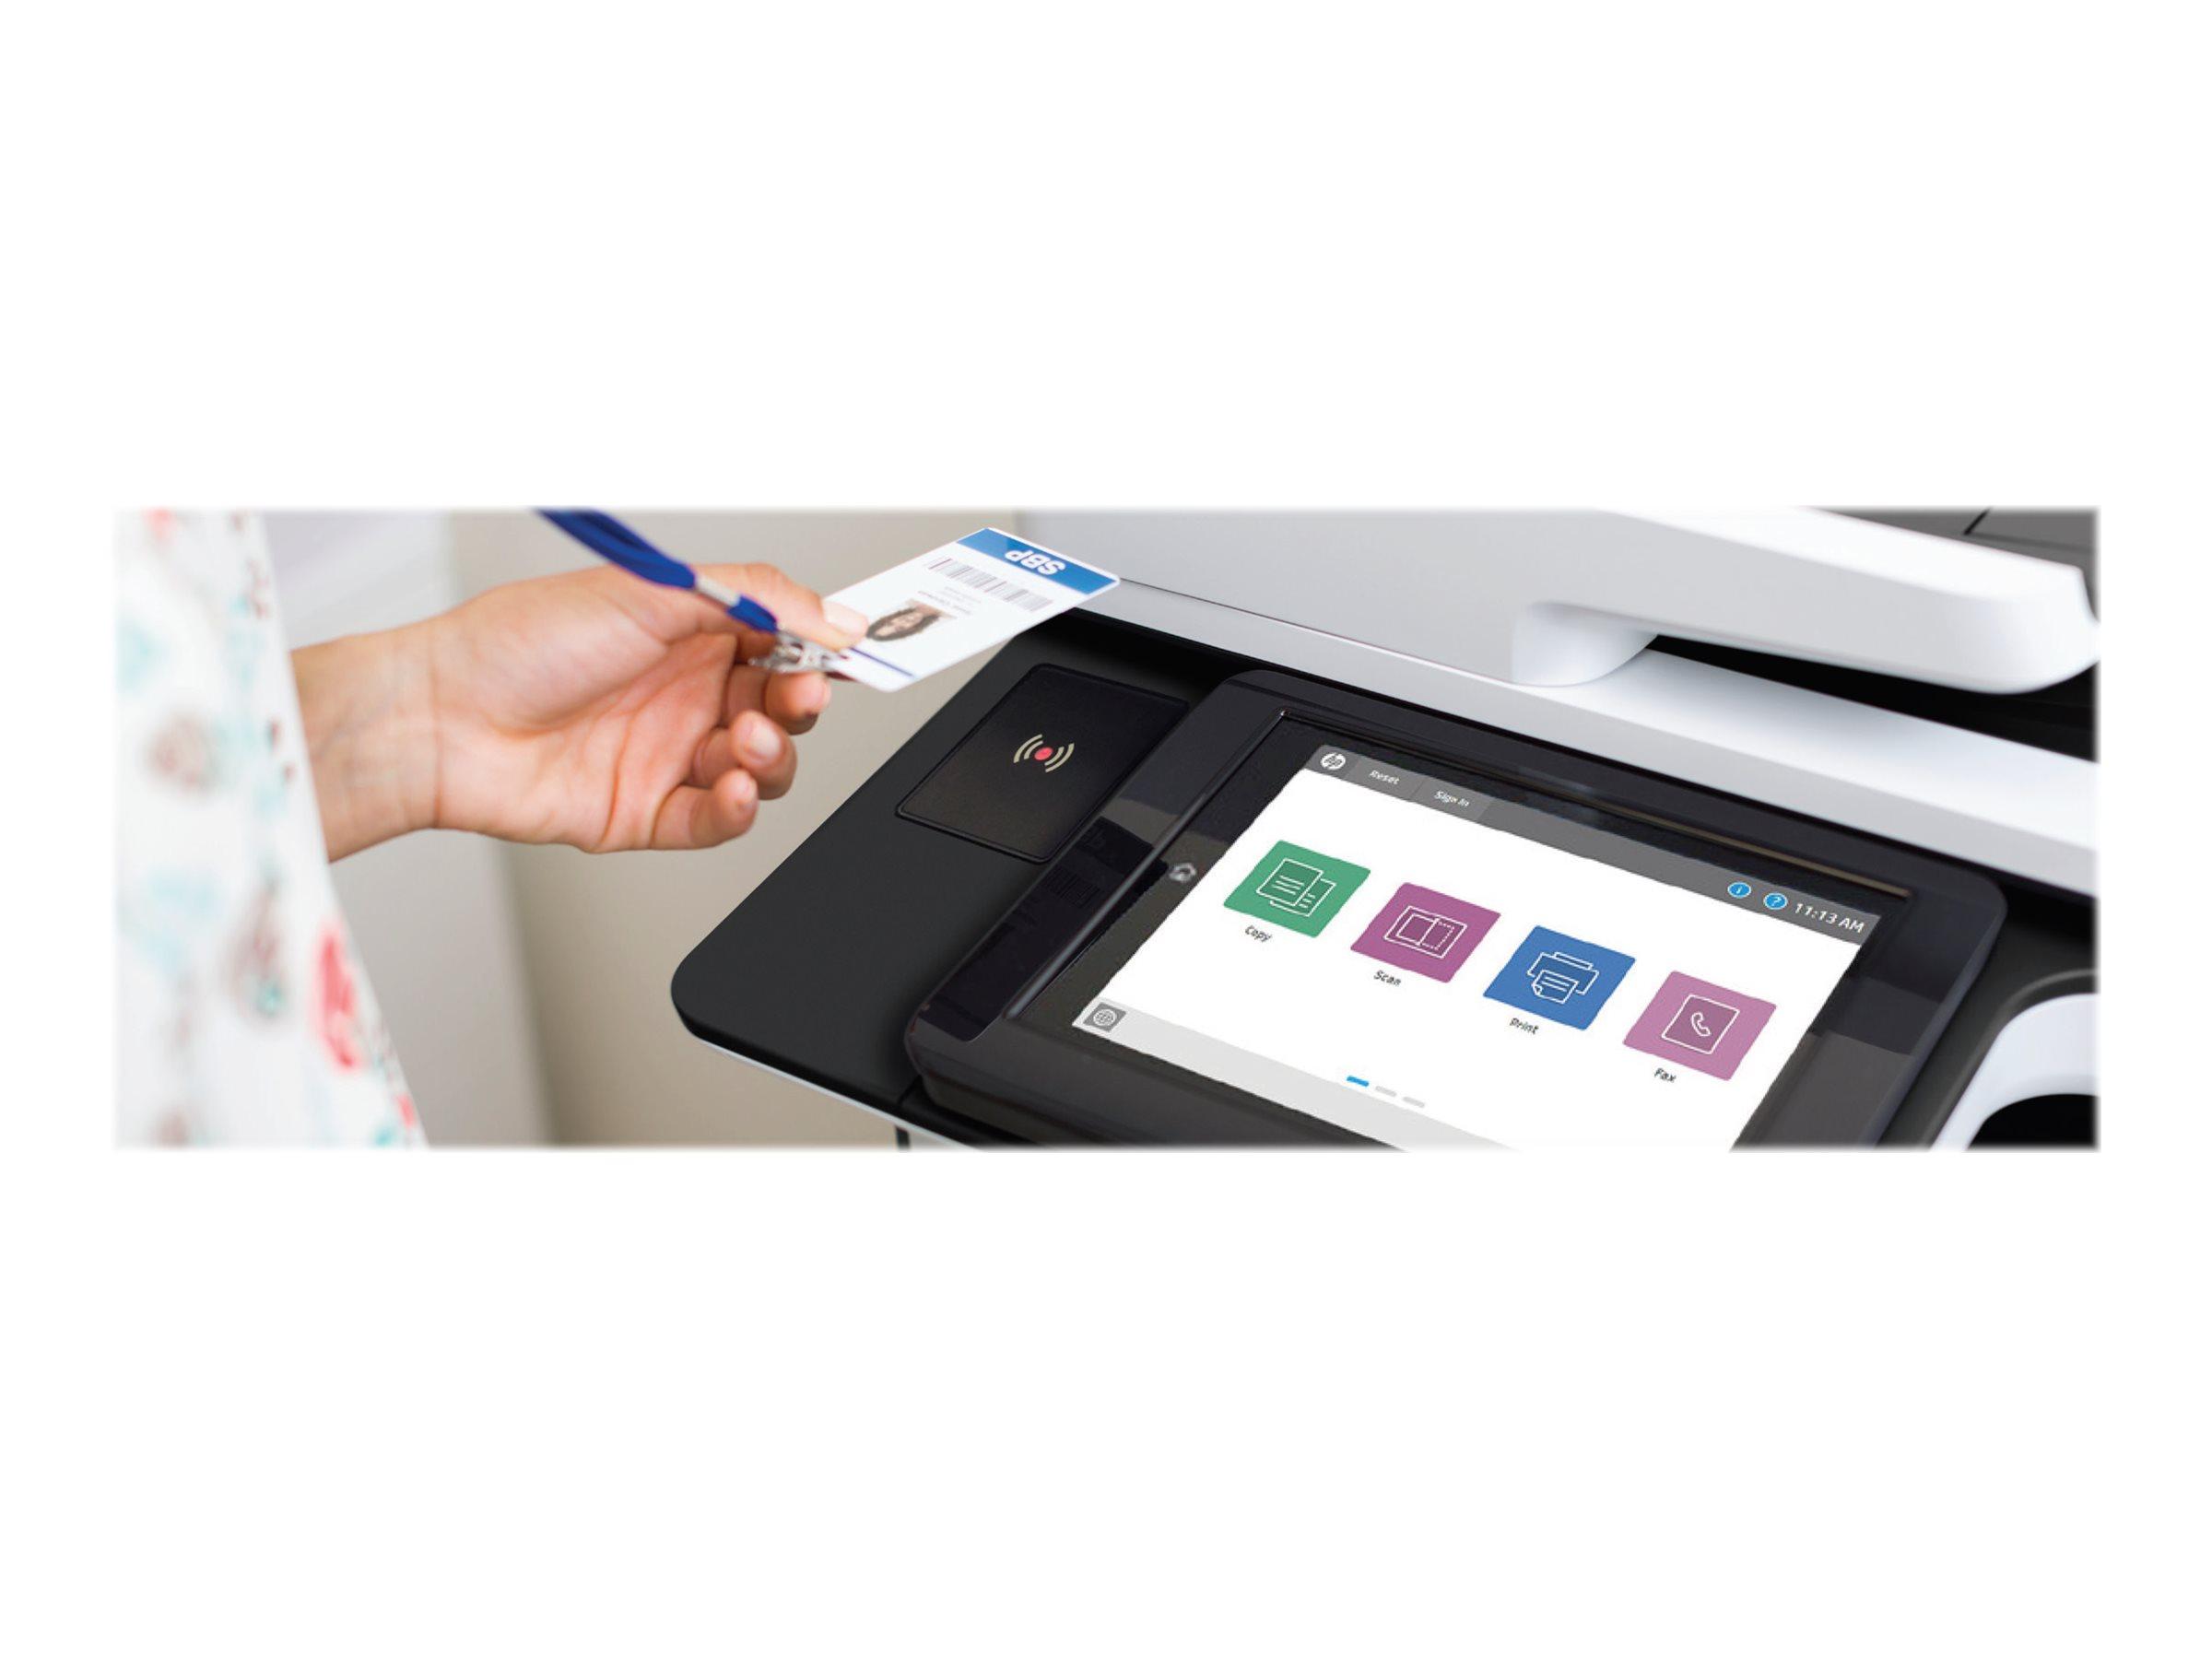 HP - Tastatur-Eingabe-Rekorder - für Color LaserJet Managed E65150, E65160, E85055; LaserJet Managed MFP E77422, MFP E77428